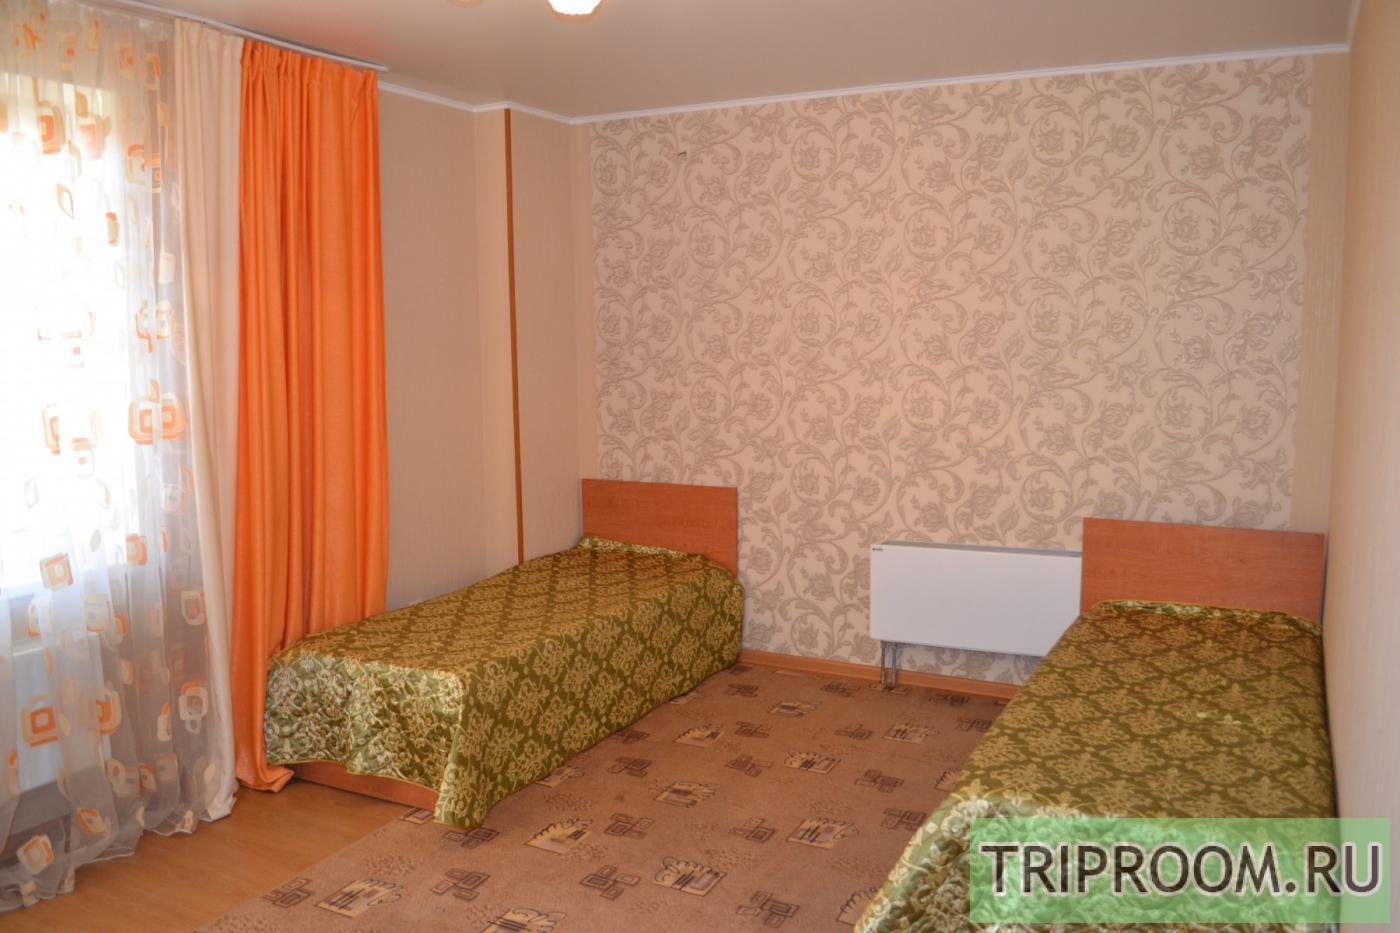 2-комнатная квартира посуточно (вариант № 36246), ул. Олимпийский бульвар, фото № 3